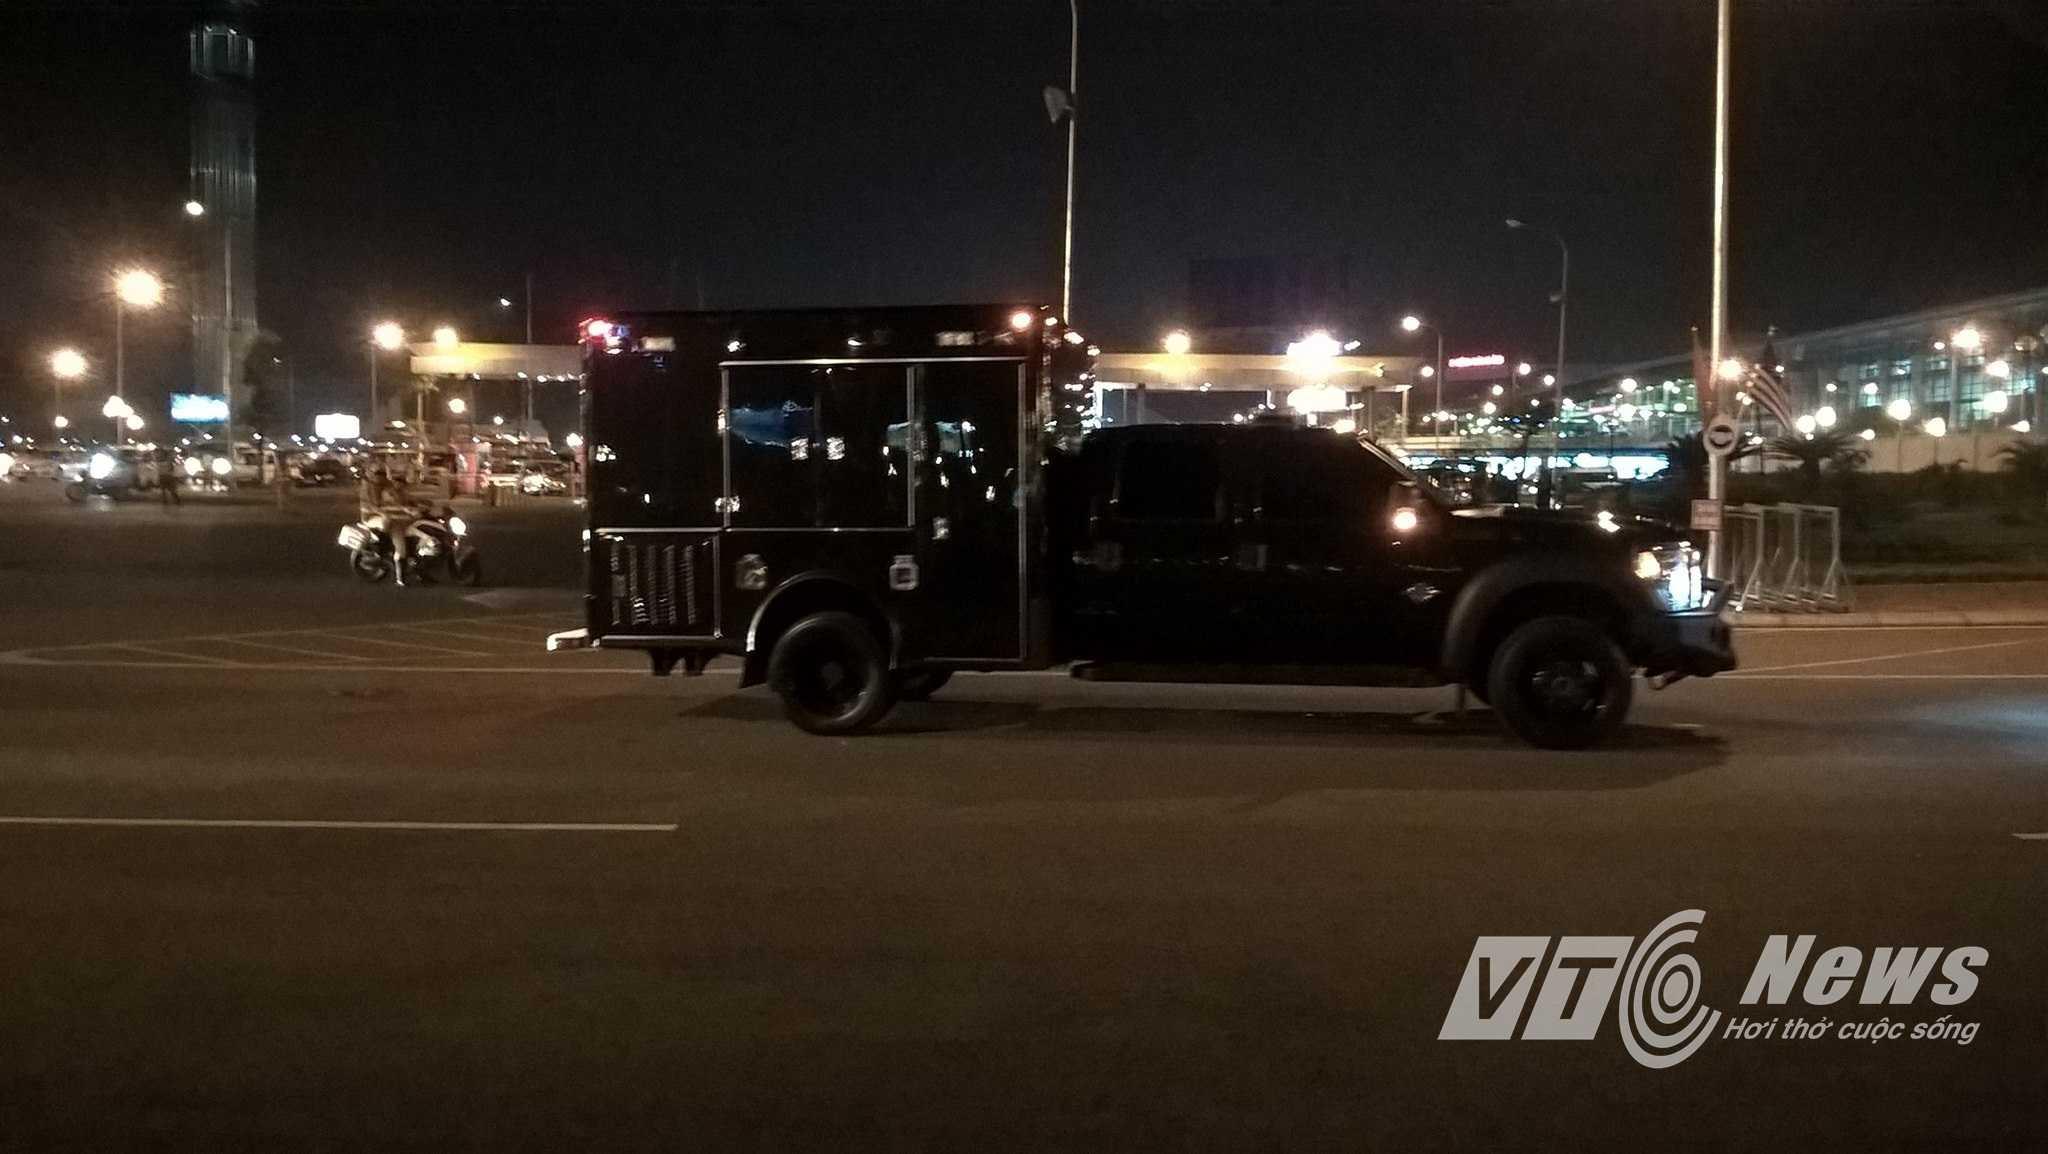 Nhiều xe chuyên dụng, xe bọc thép cũng đi hộ tống xe chở Tổng thống Mỹ